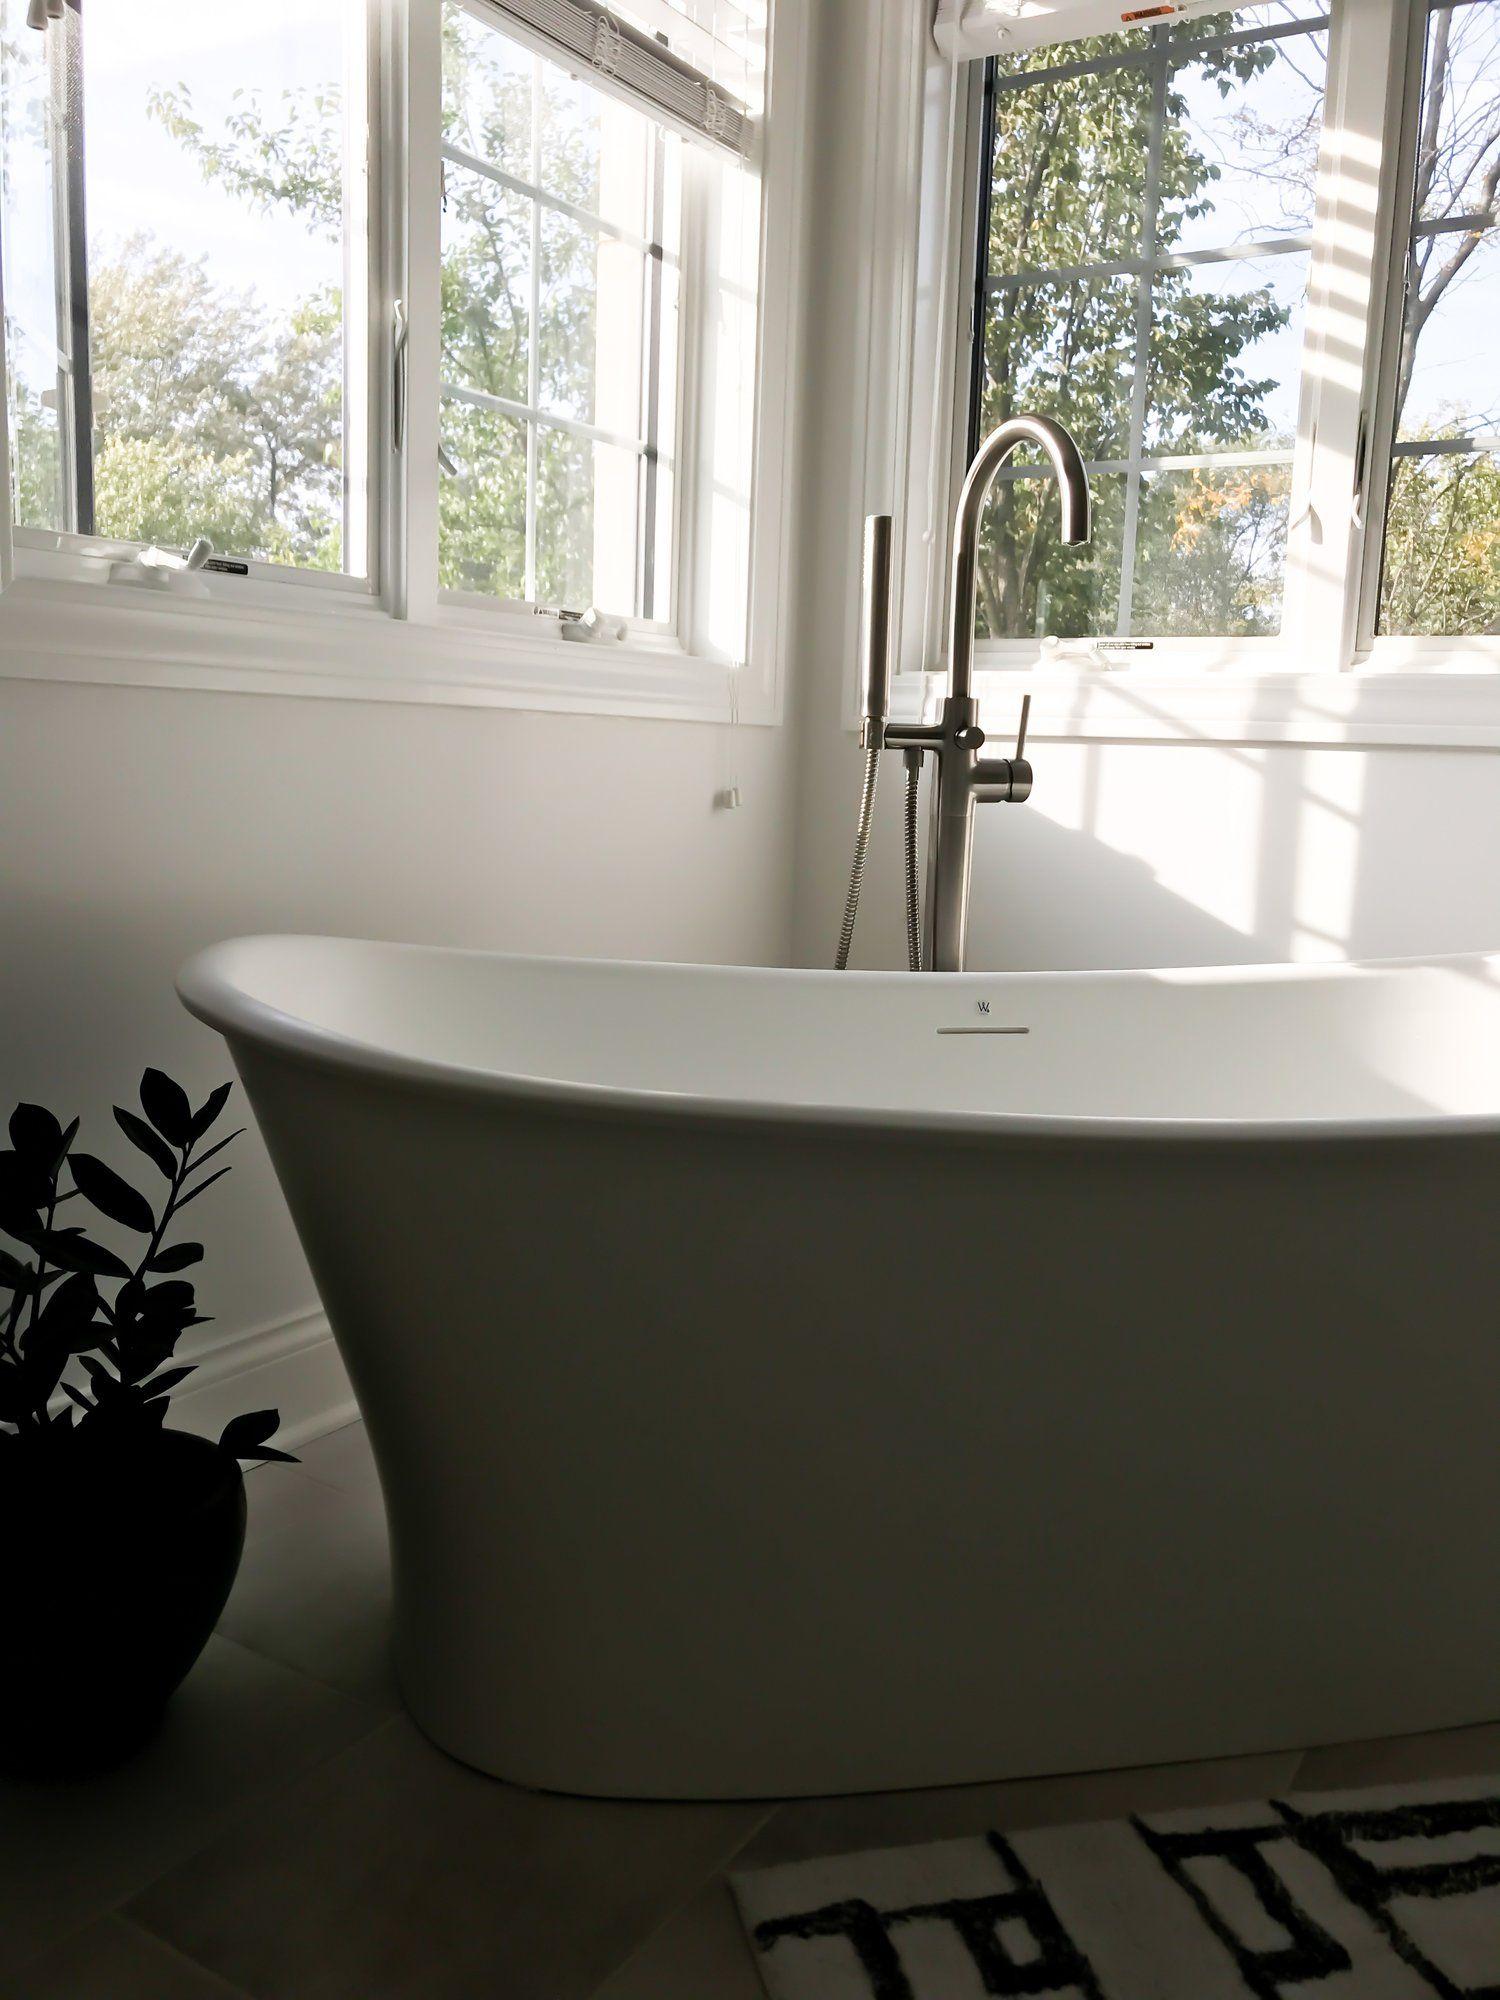 Modern Master Bathroom Ideas First Thyme Mom Modern Master Bathroom Contemporary Bathtubs Master Bathroom Design